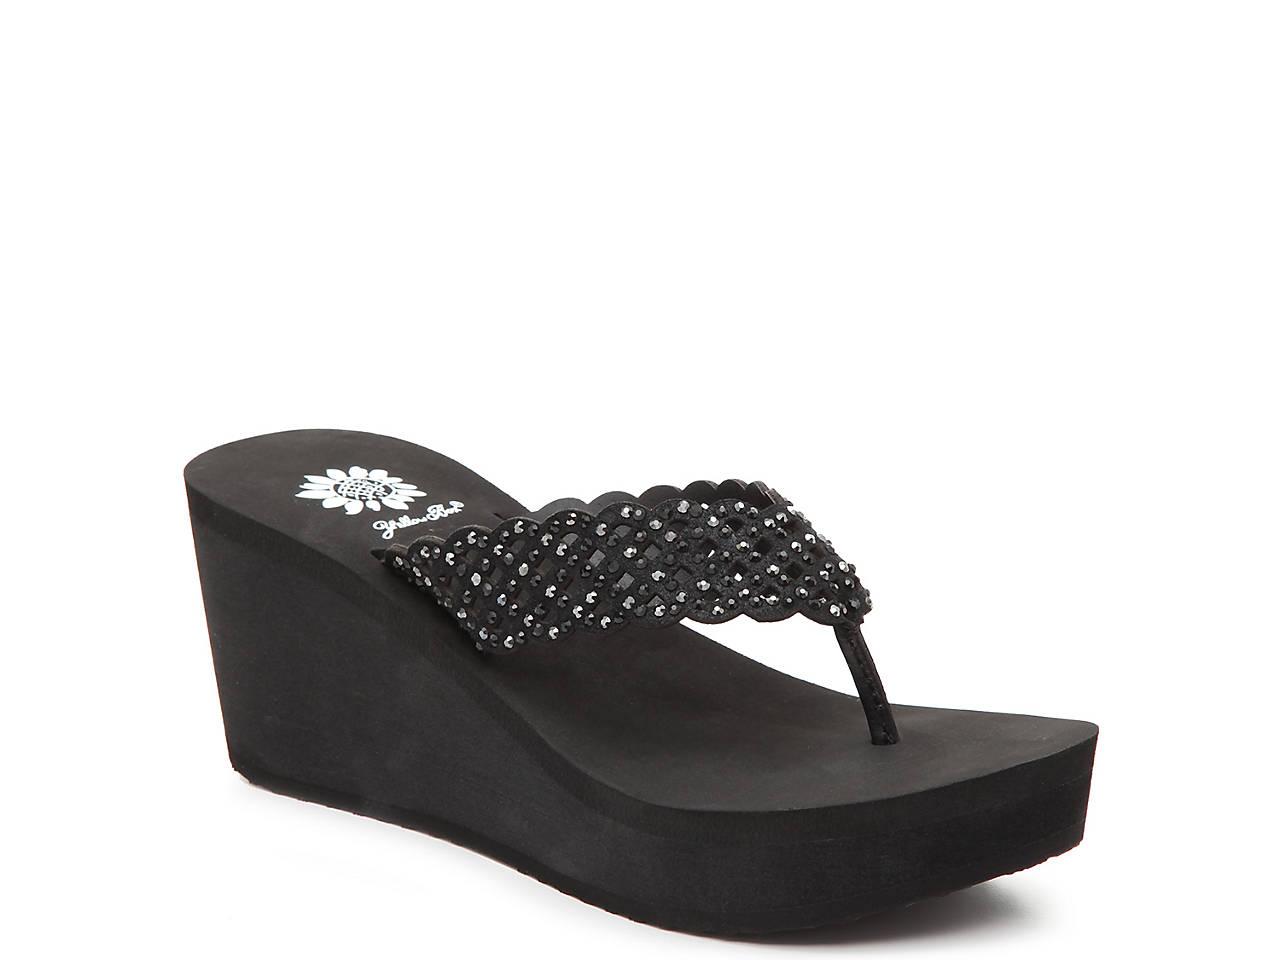 7b107a17b982 Yellow Box Deloise Wedge Sandal Women s Shoes